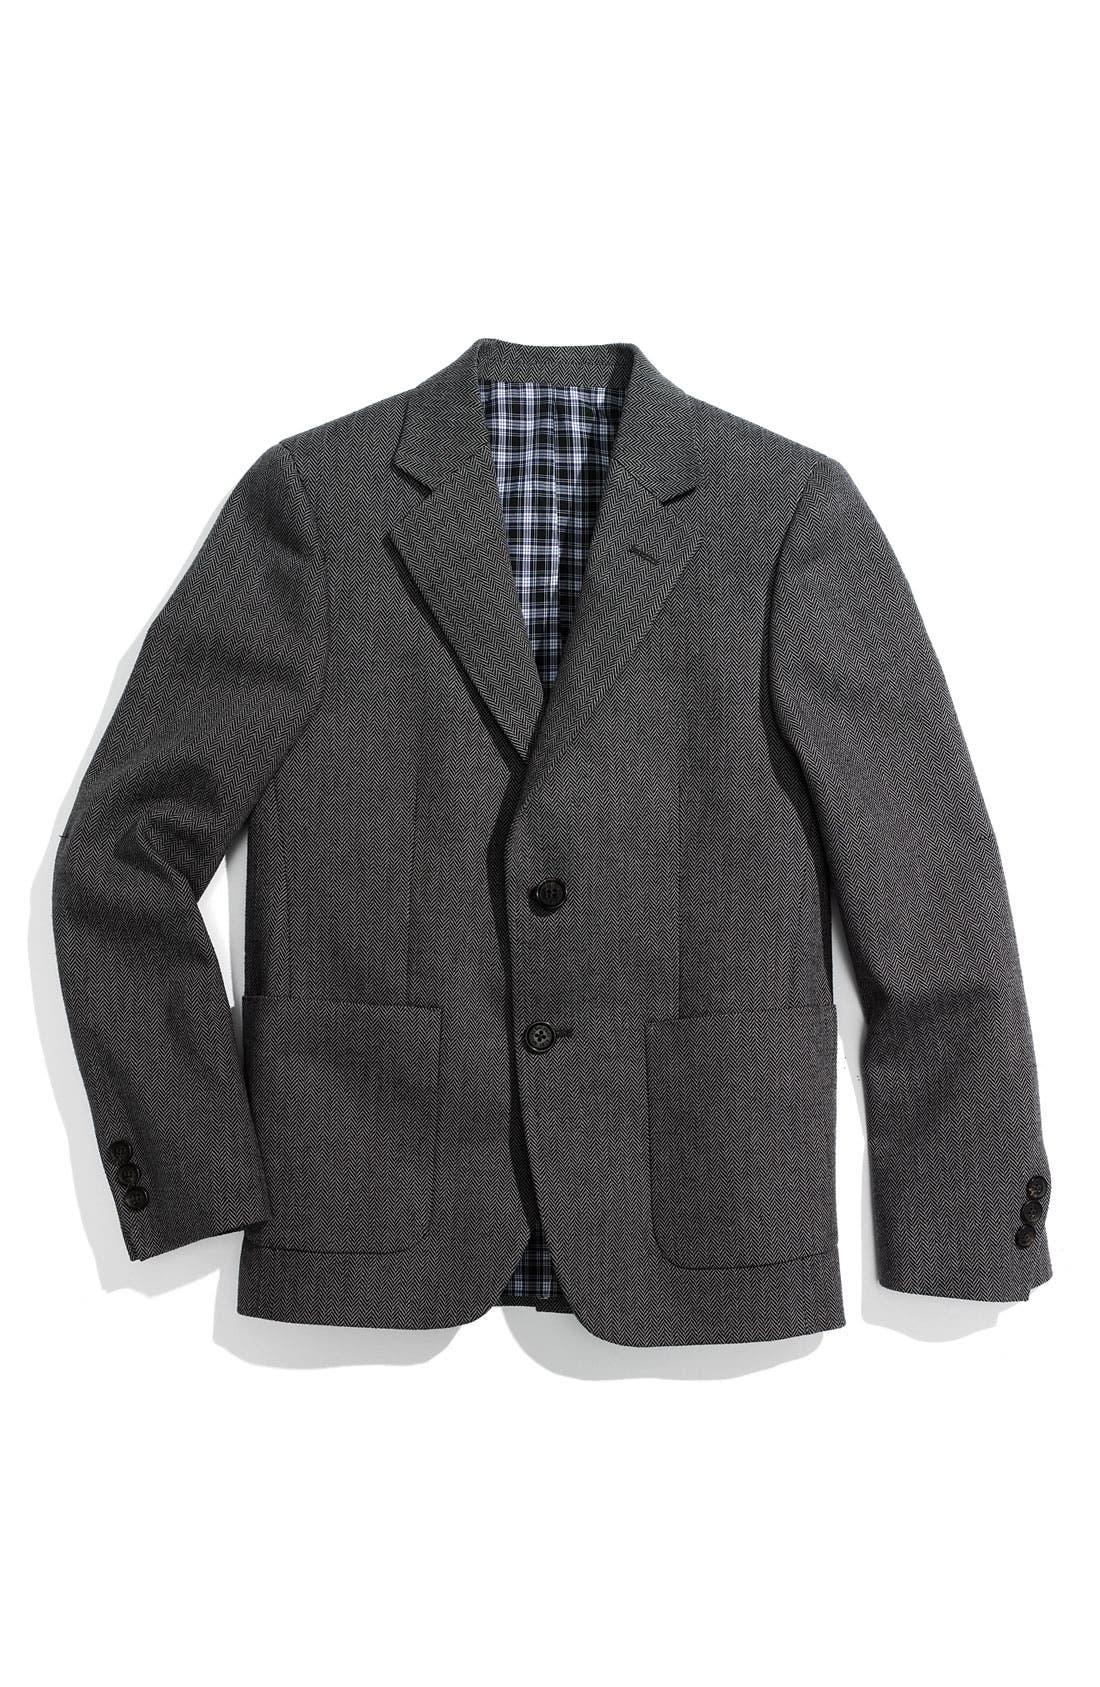 Main Image - Brooks Brothers Herringbone Jacket (Big Boys)